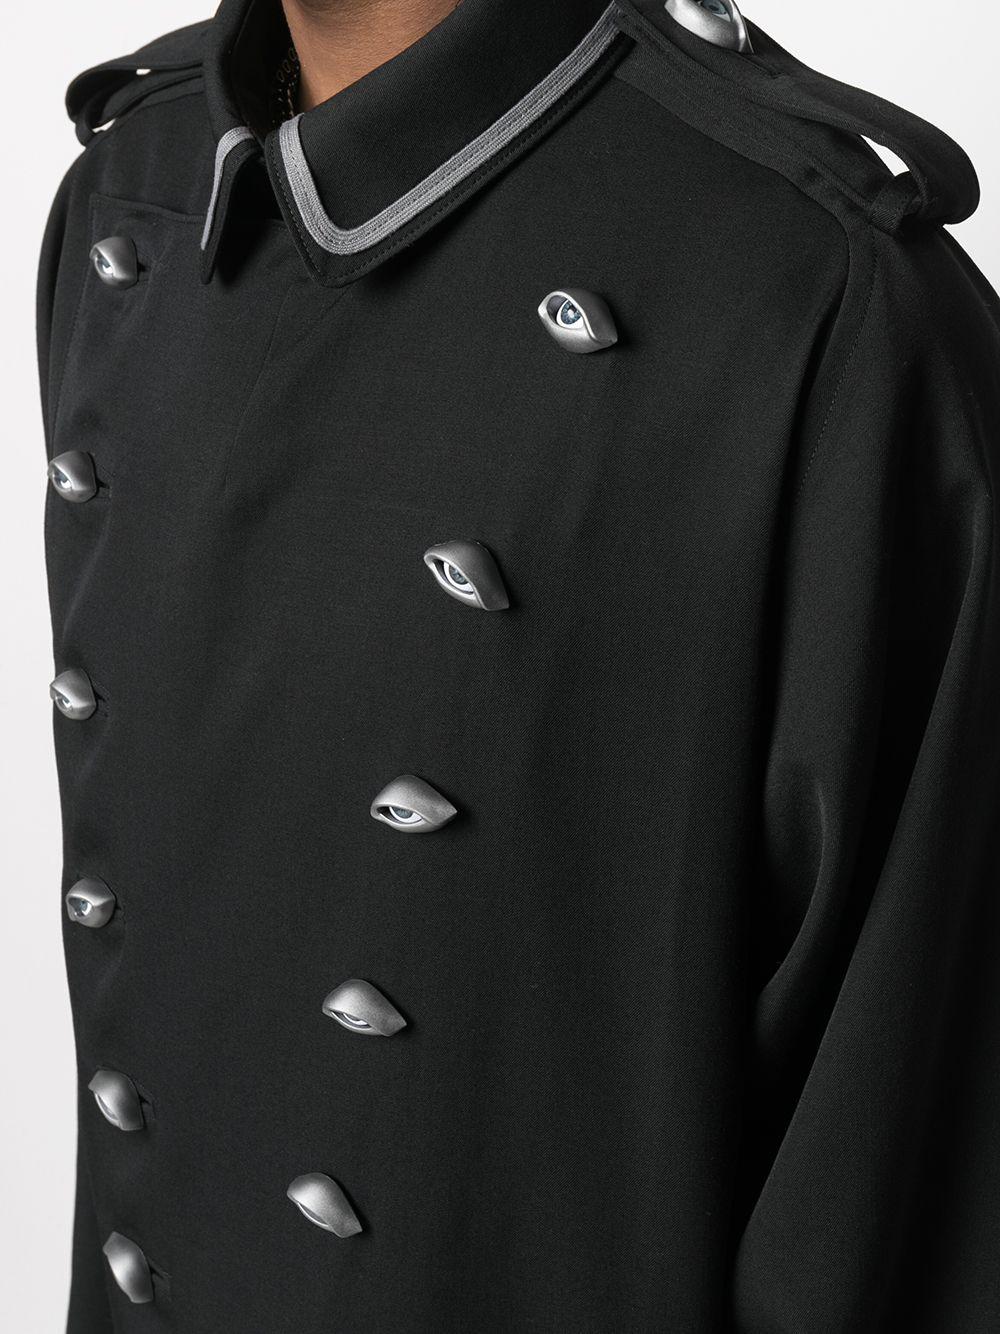 Cappotto con bottoni a forma di occhi YOHJI YAMAMOTO | Cappotto | HD-D08-1002